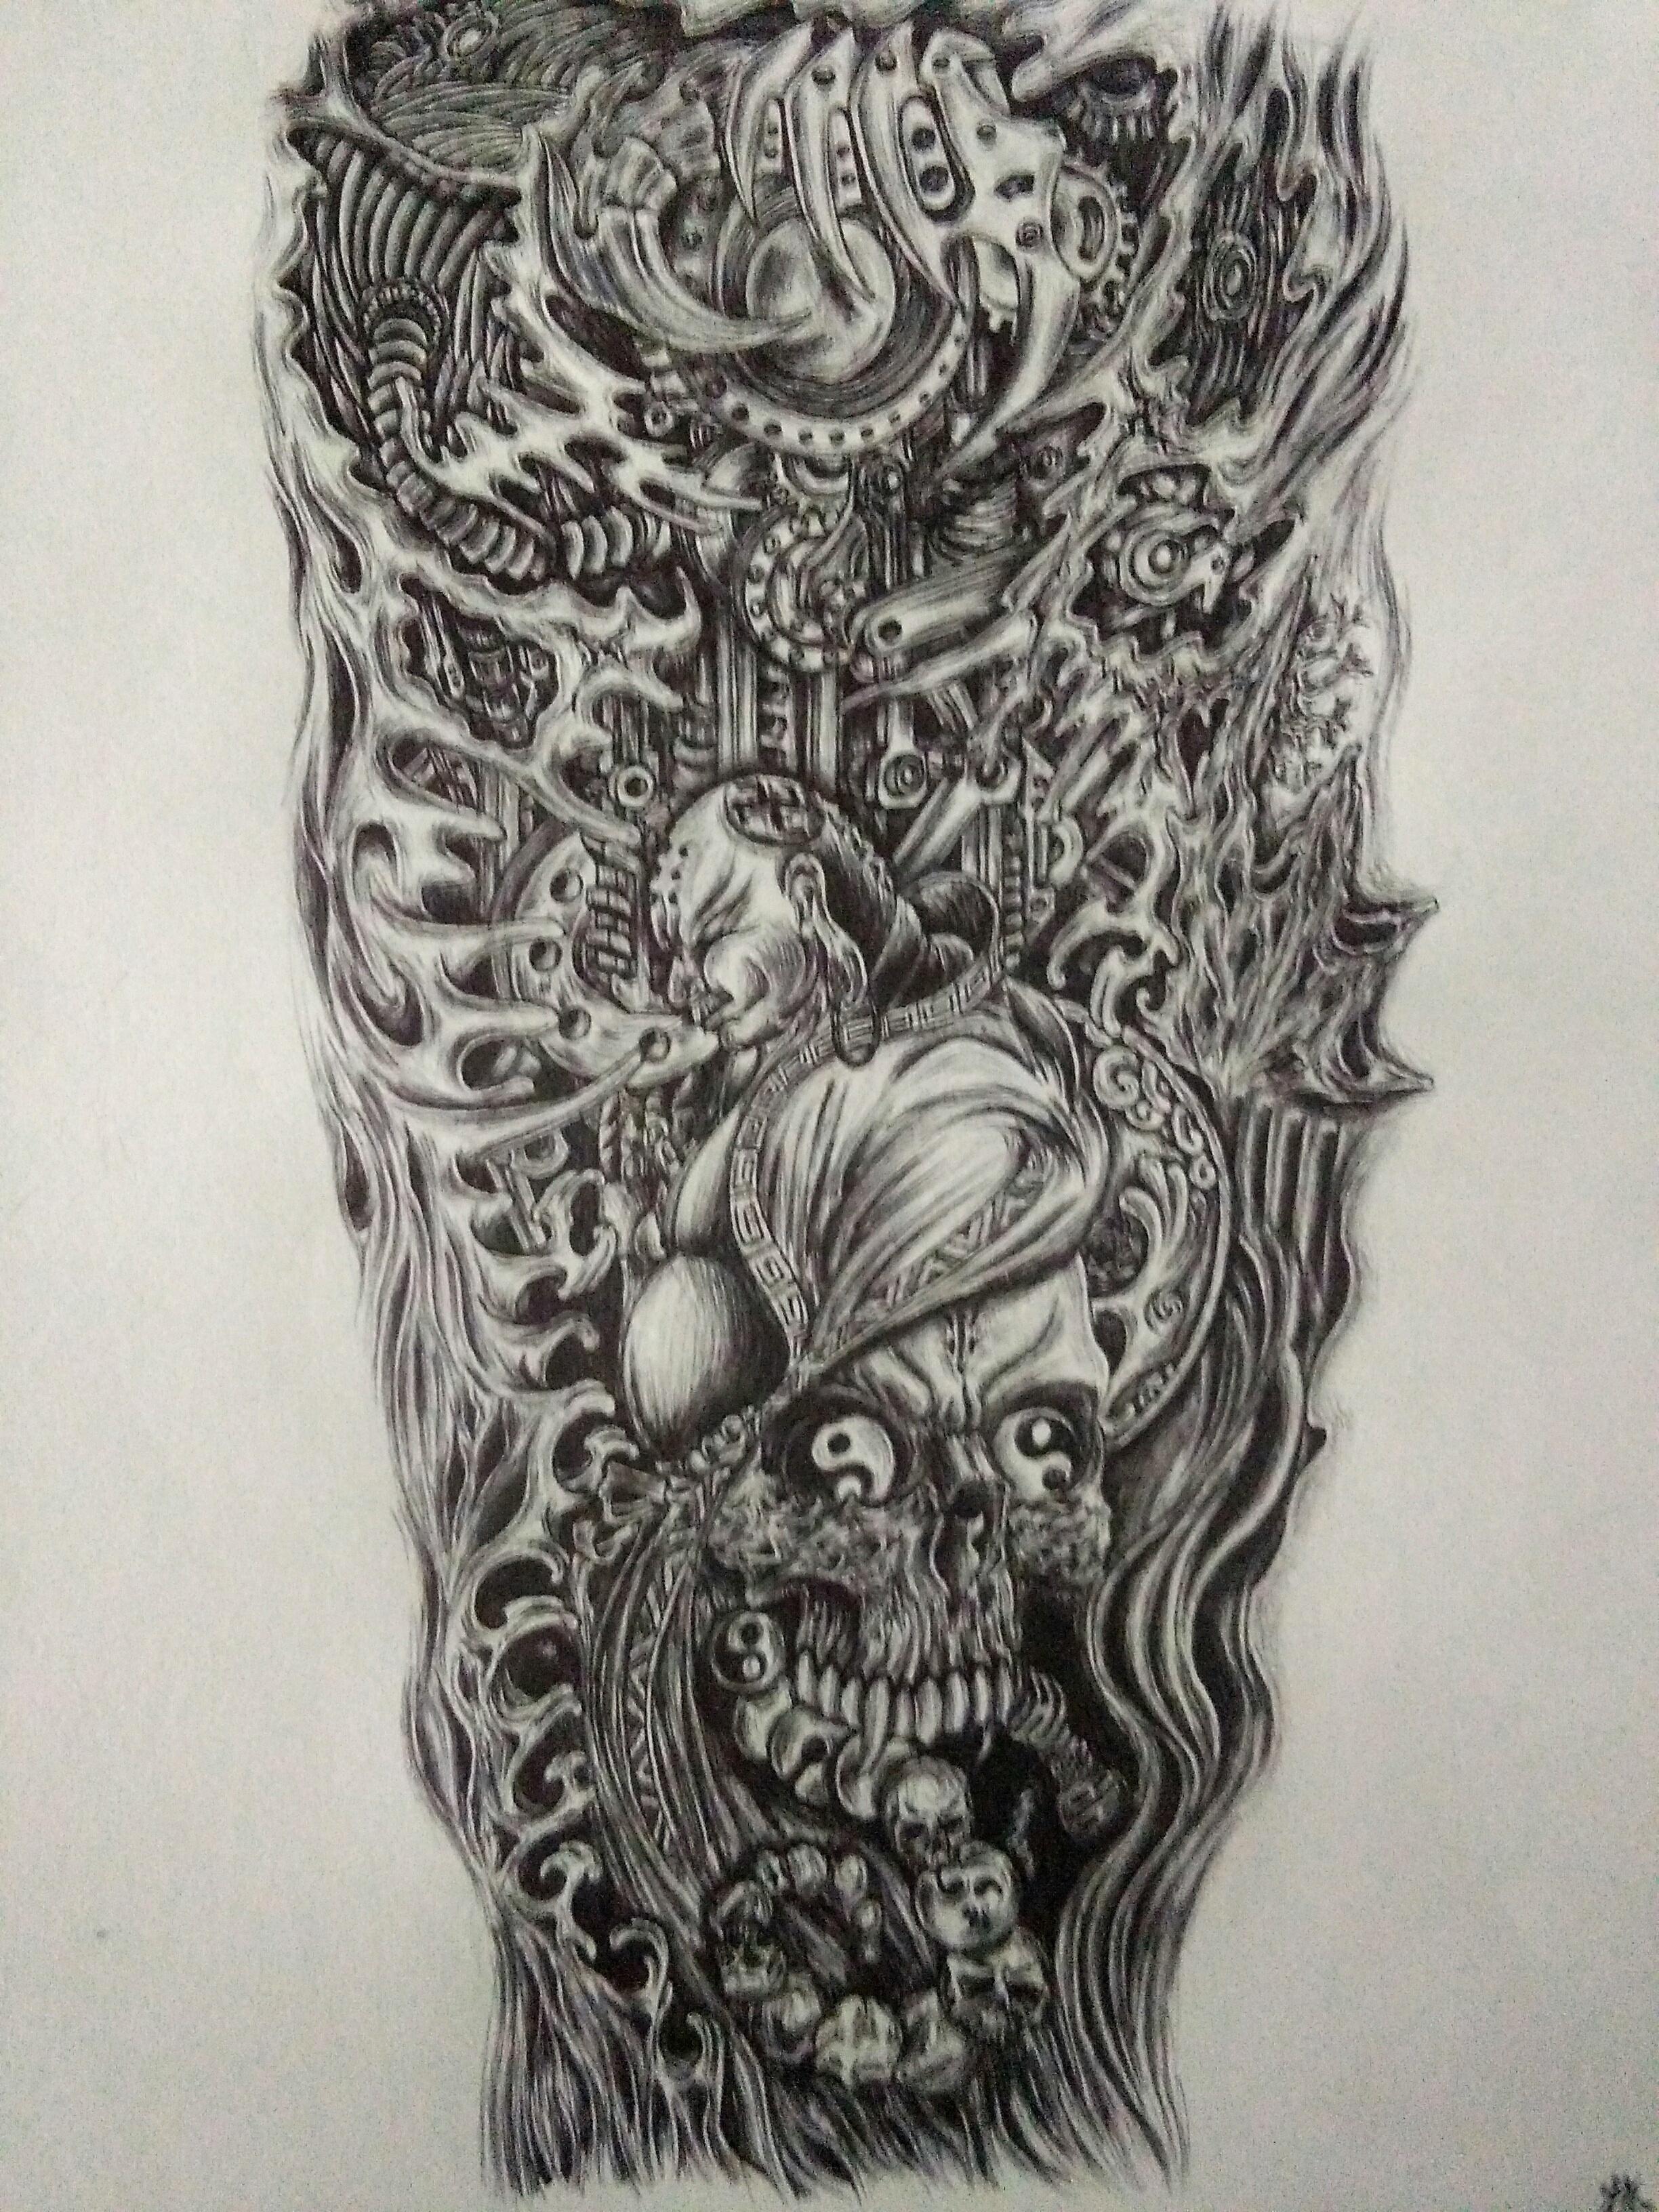 花臂紋身手稿原創手繪圖片